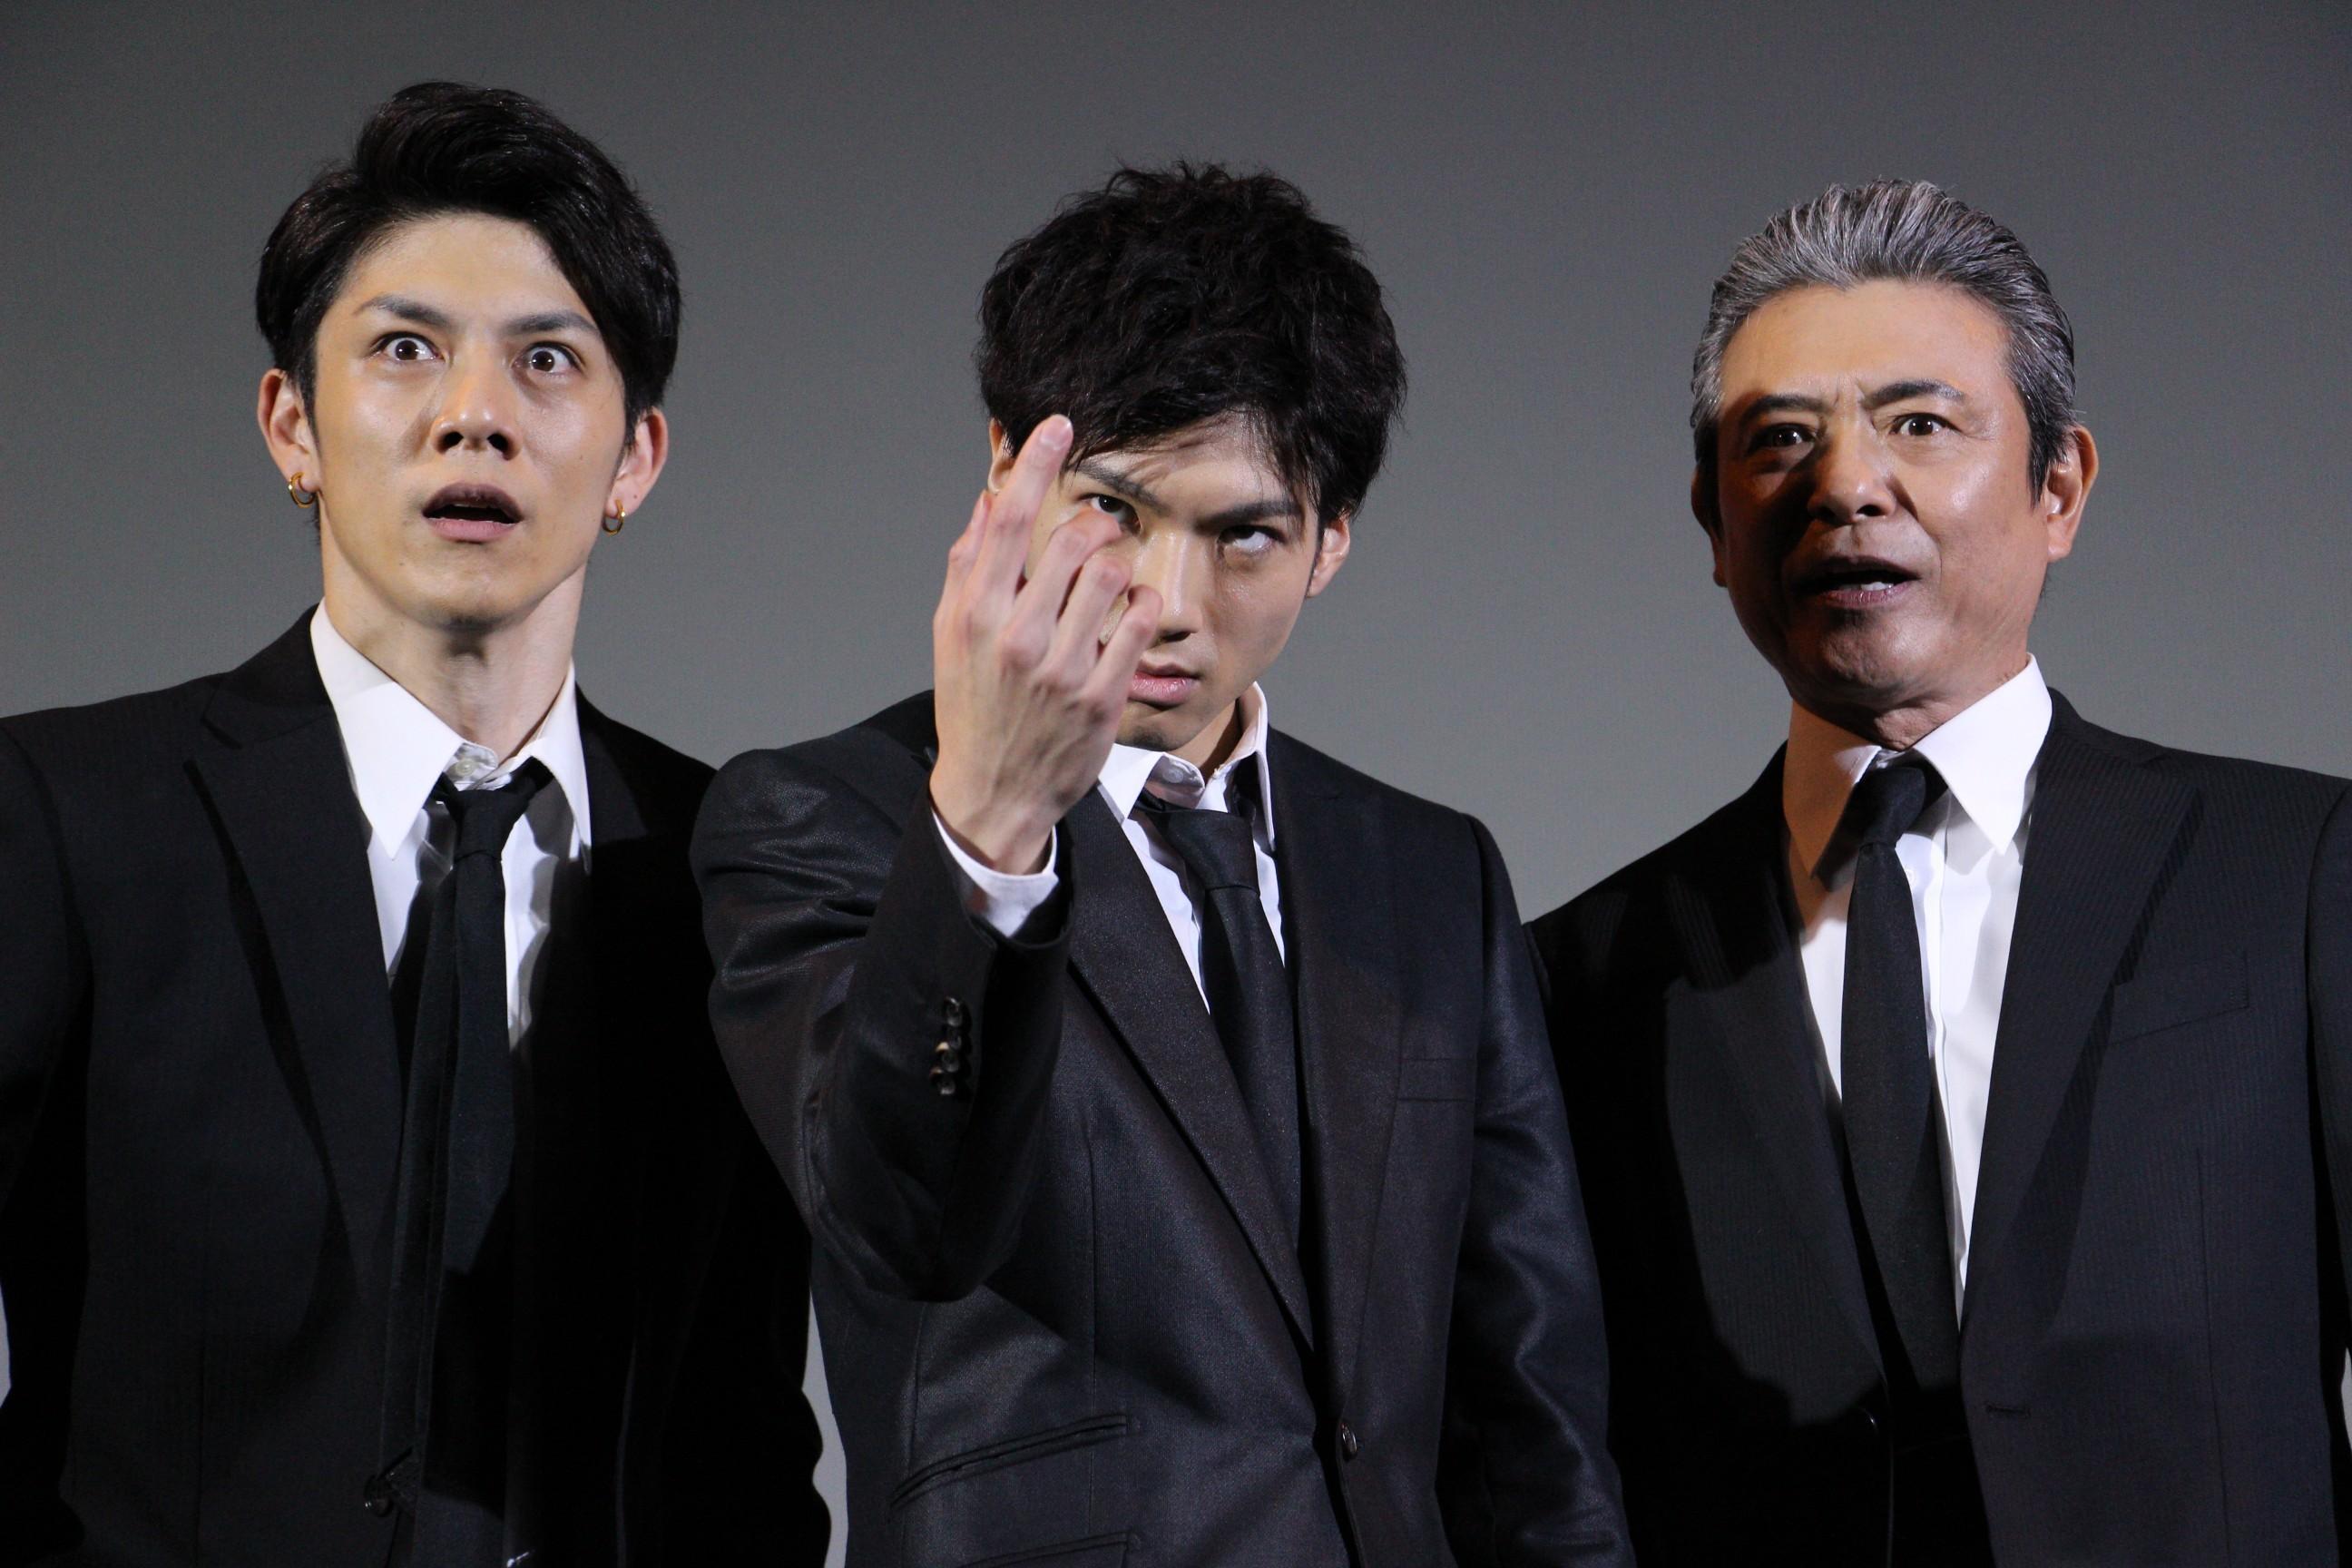 左から、青木玄徳、山田裕貴、升毅